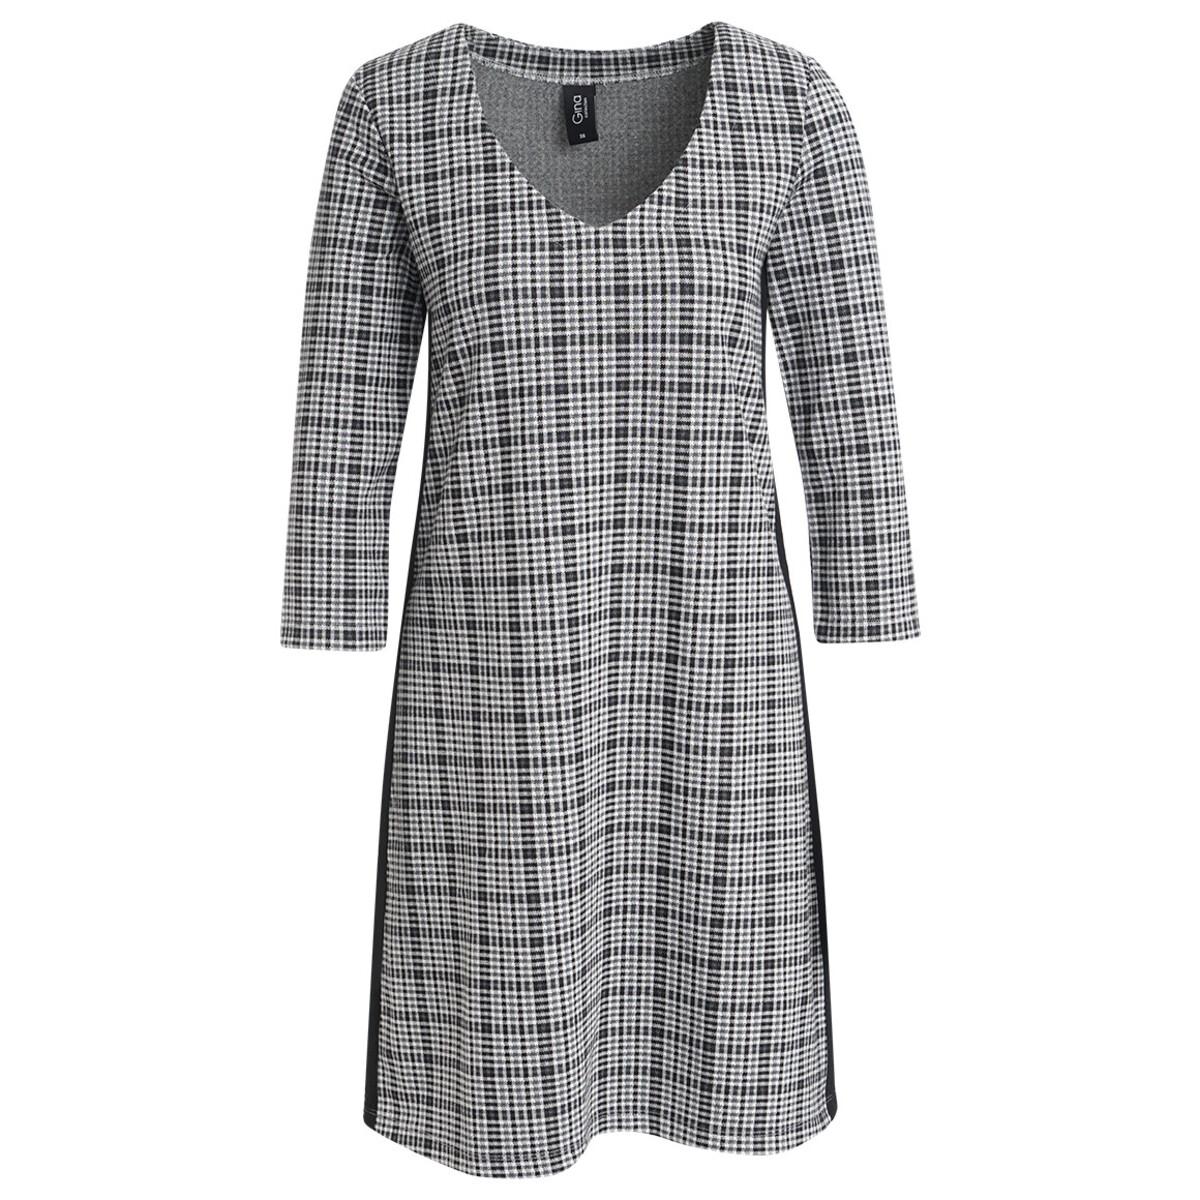 Bild 1 von Damen Kleid im Glencheck-Dessin